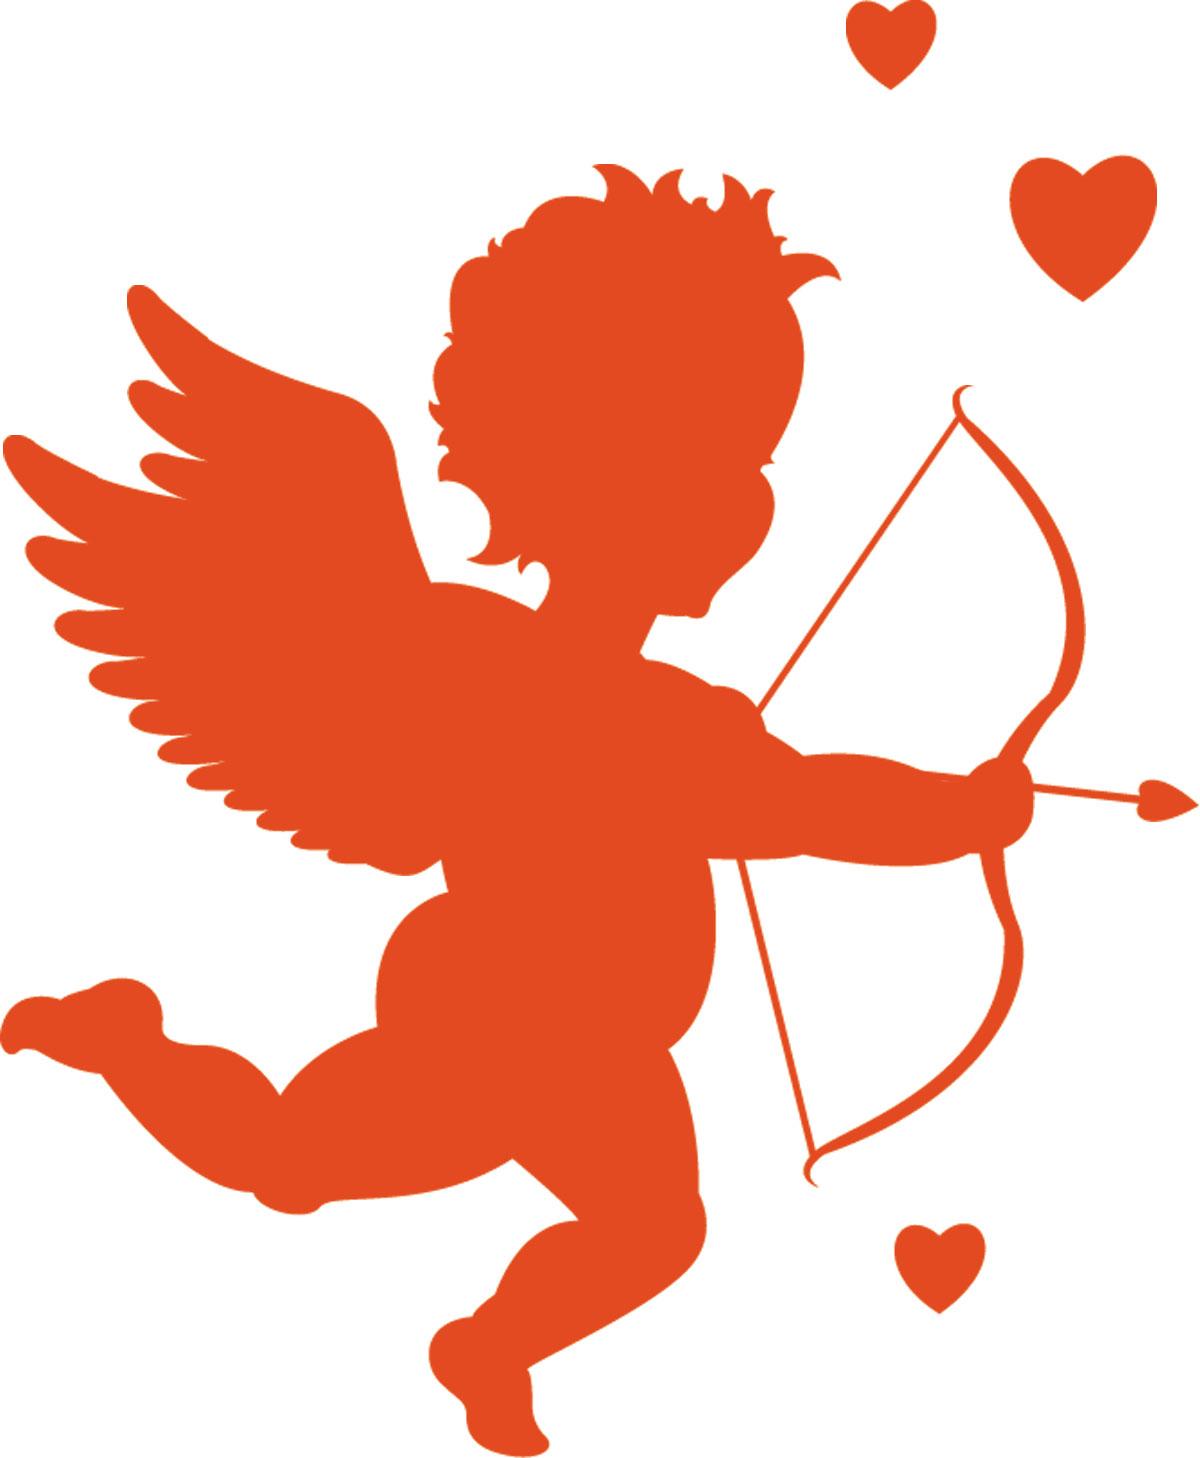 Cupid Arrow Clipart.